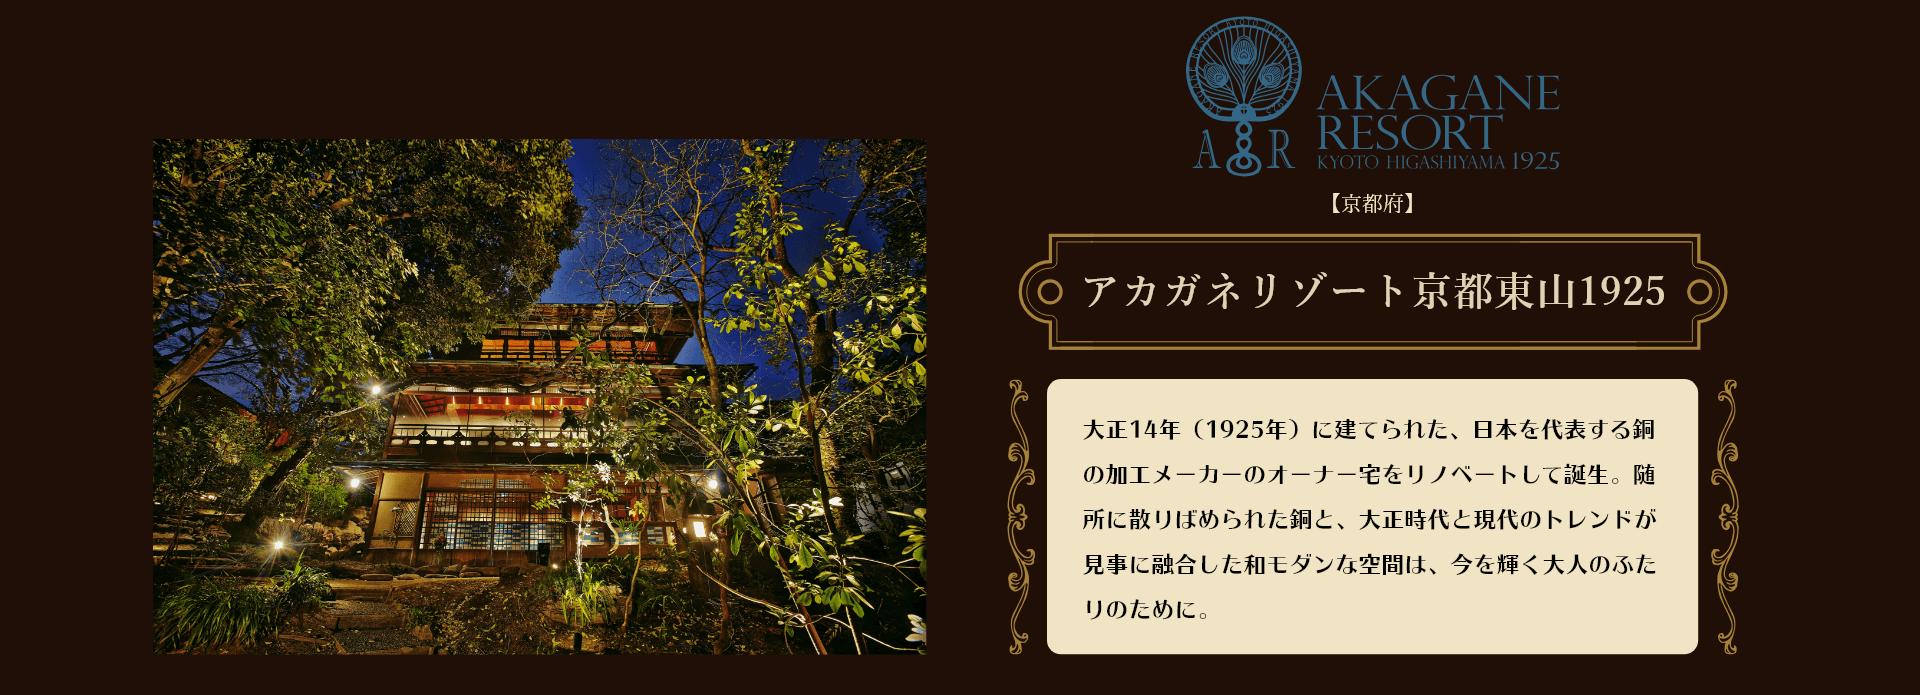 【京都府】アカガネリゾート京都東山1925   大正15年(1925年)に建てられた、日本を代表する銅の加工メーカーのオーナー宅をリノベートして誕生。随所に散りばめられた銅と、大正時代と現代のトレンドが見事に融合した和モダンな空間は、今を輝く大人のふたりのために。